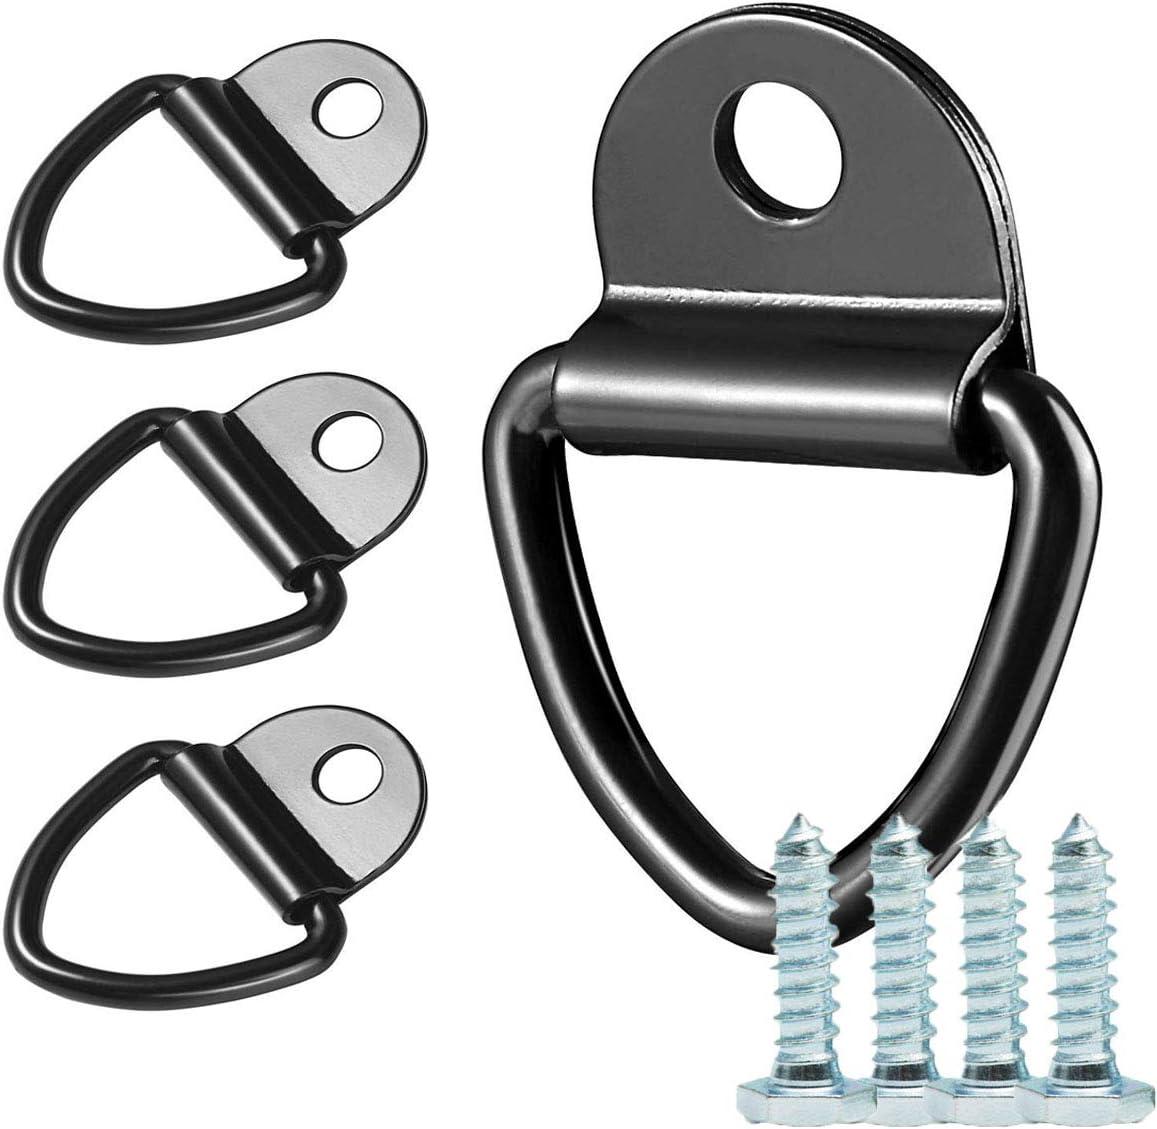 Anillos de amarre de alta resistencia, 4 anillas en forma de D ...